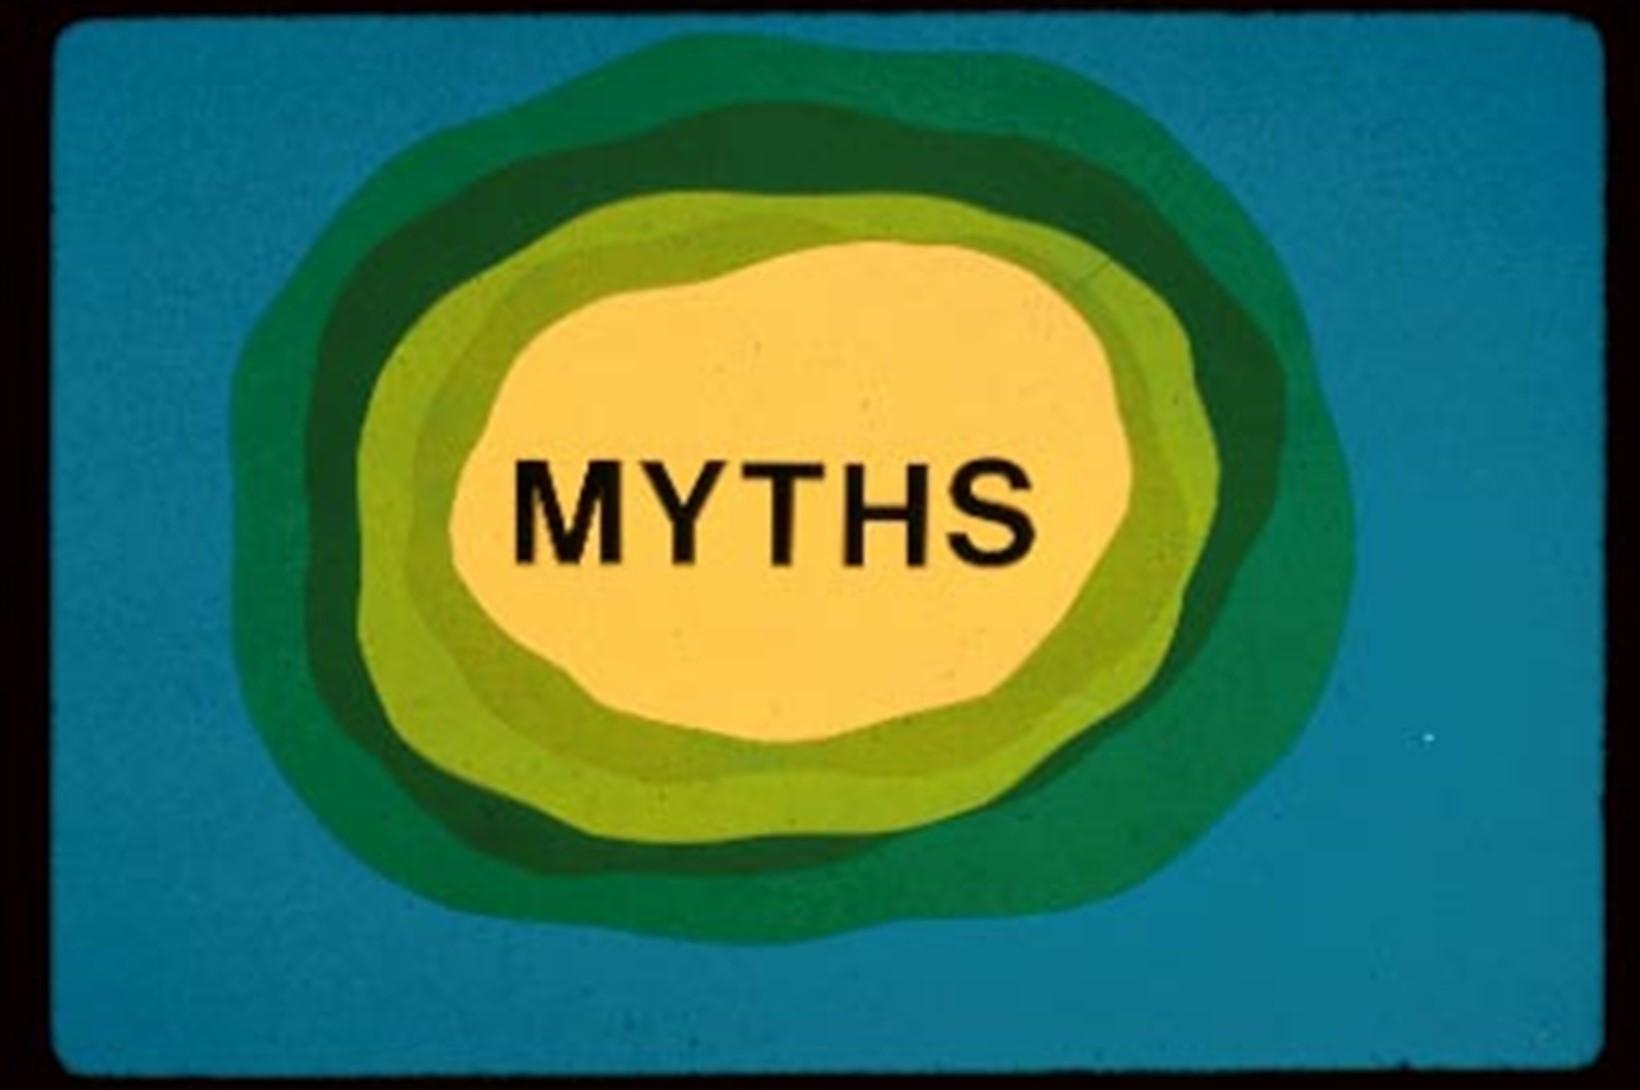 Myths shot